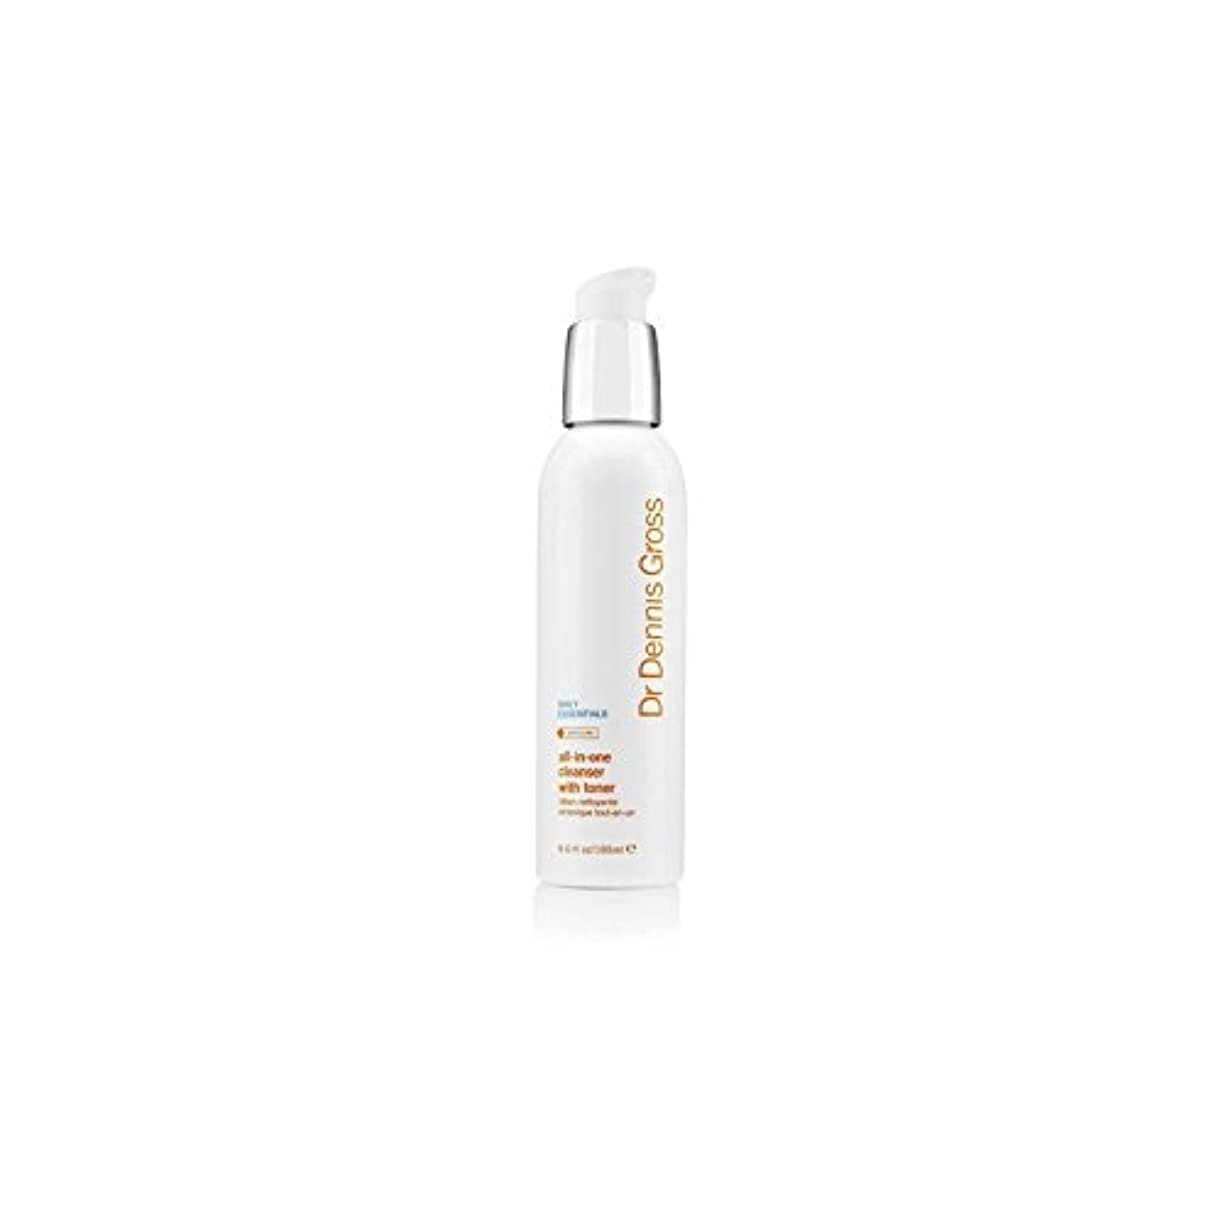 オーバーヘッドテキスト待つデニスグロスオールインワントナー(180ミリリットル)とフェイシャルクレンザー x2 - Dr Dennis Gross All-In-One Facial Cleanser With Toner (180ml) (Pack...